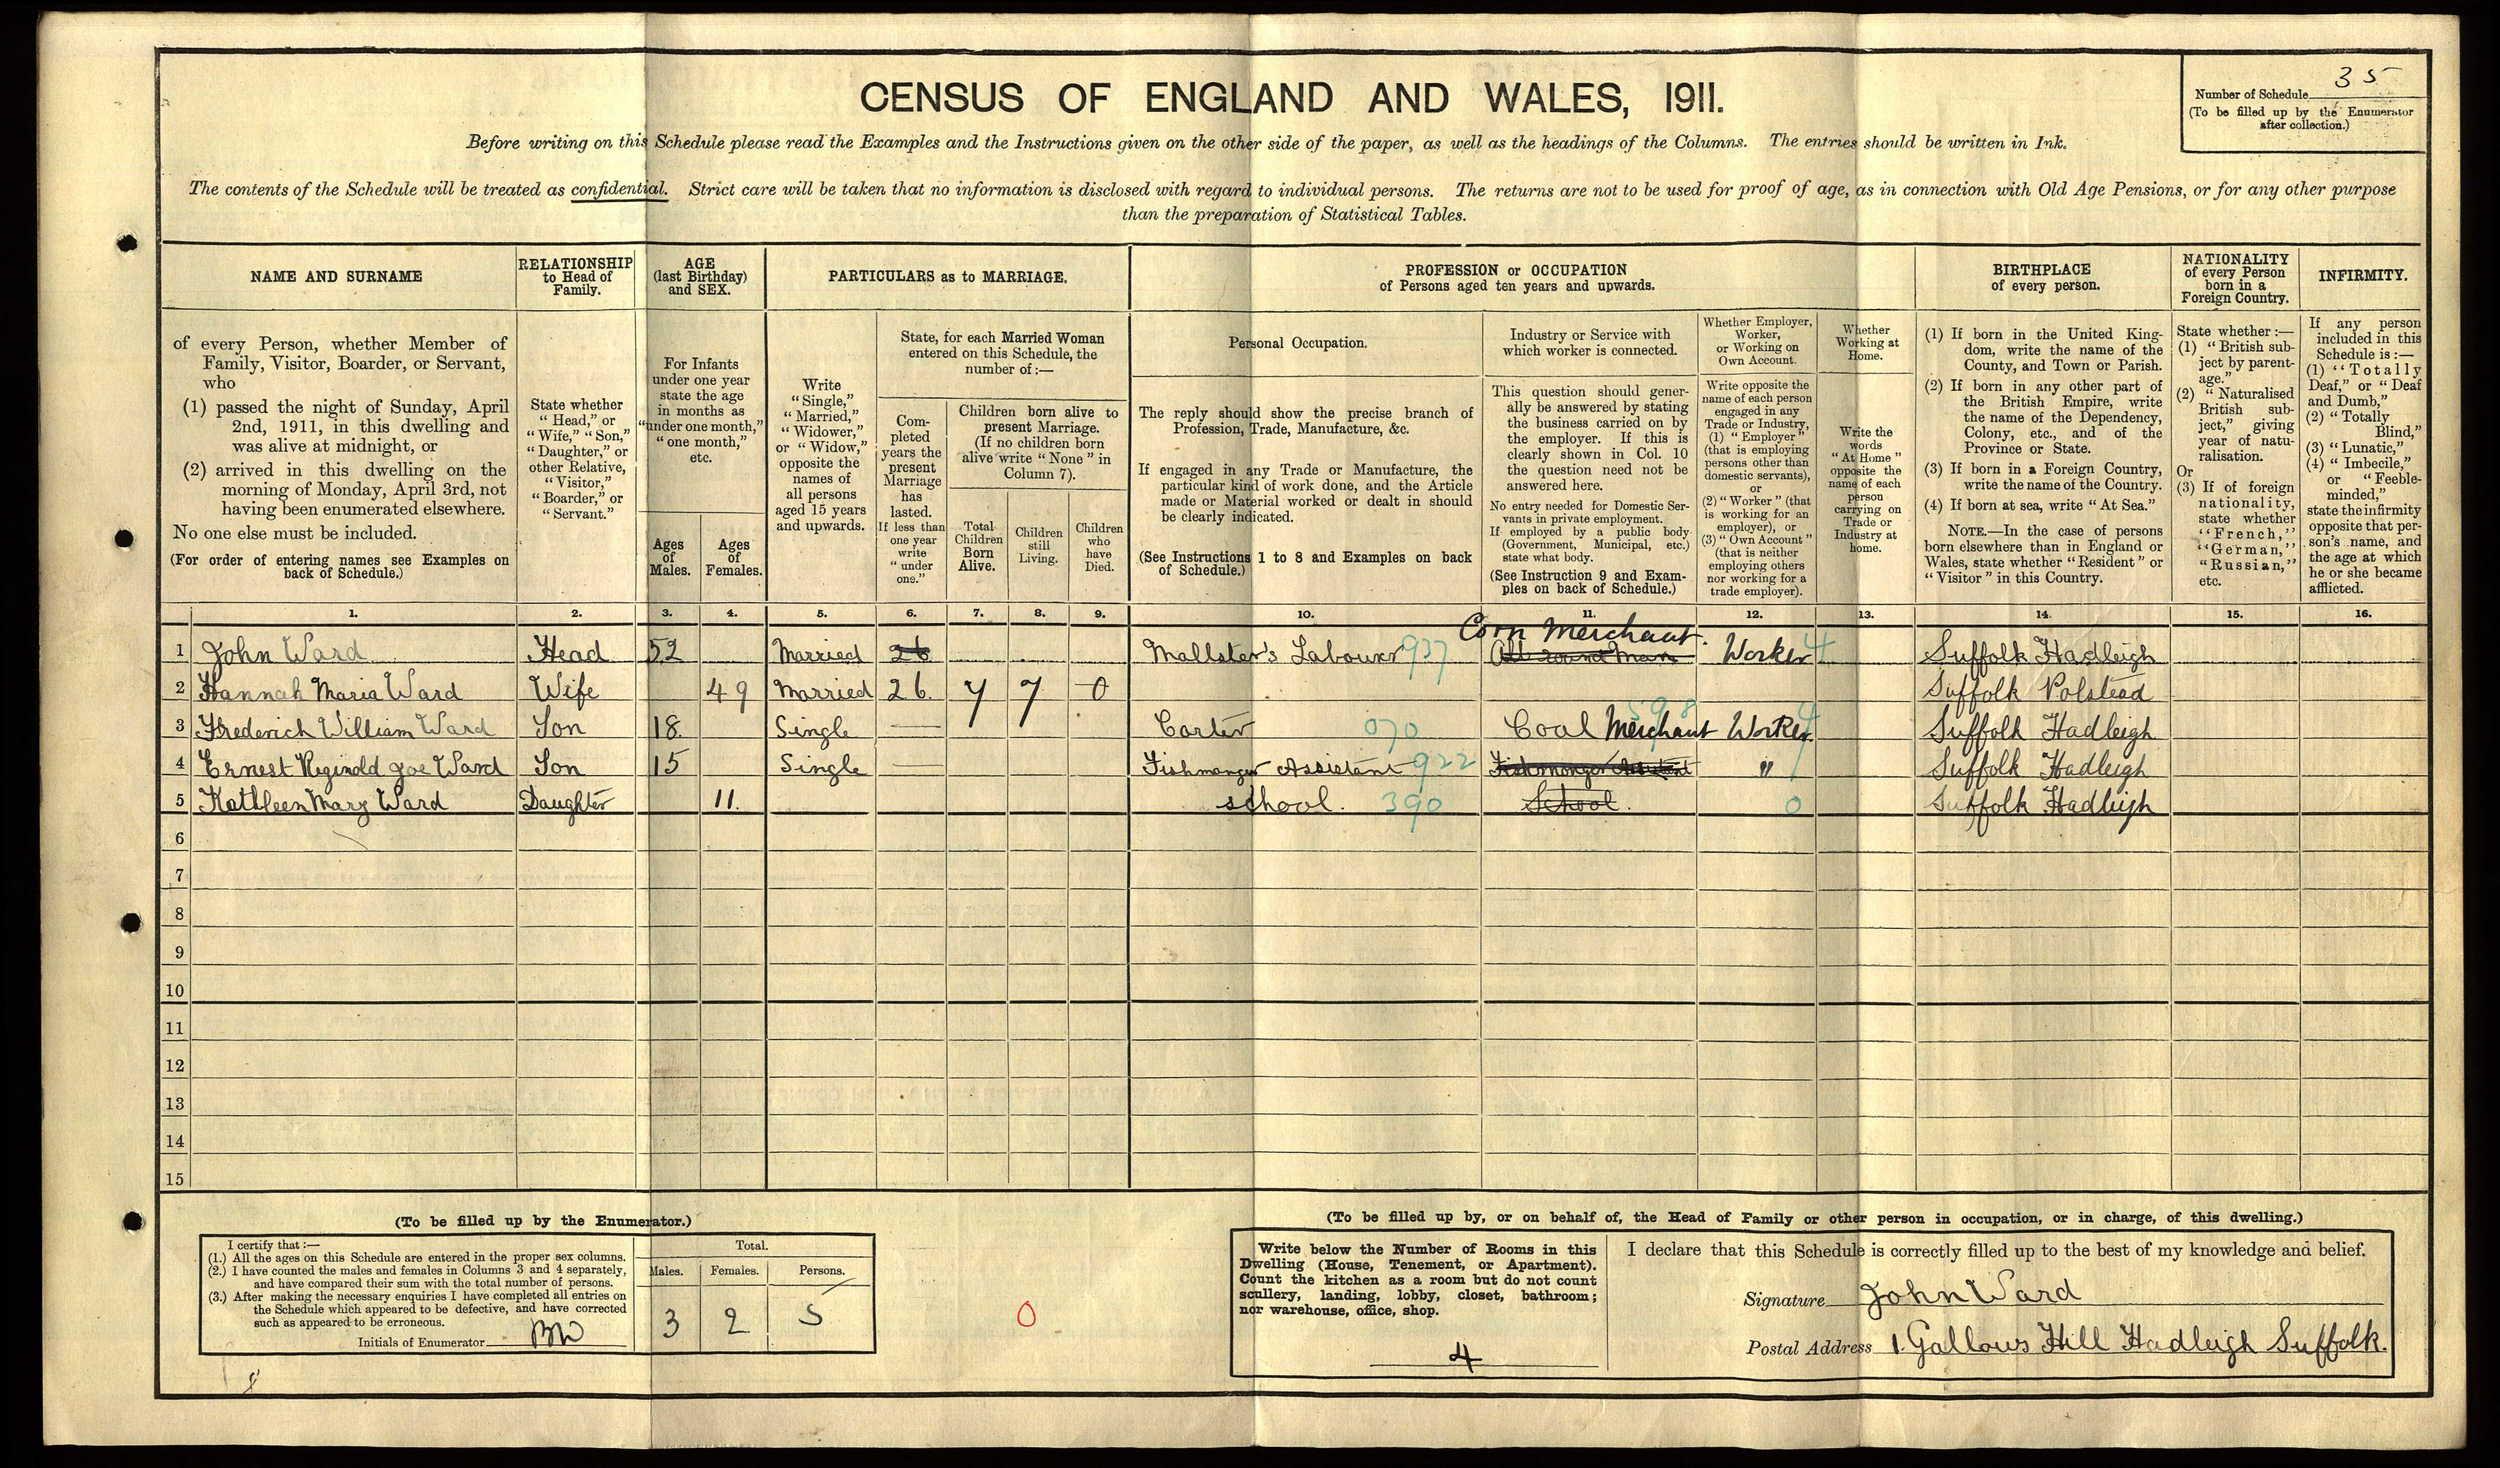 anc 1911 census Ernest Ward.jpg